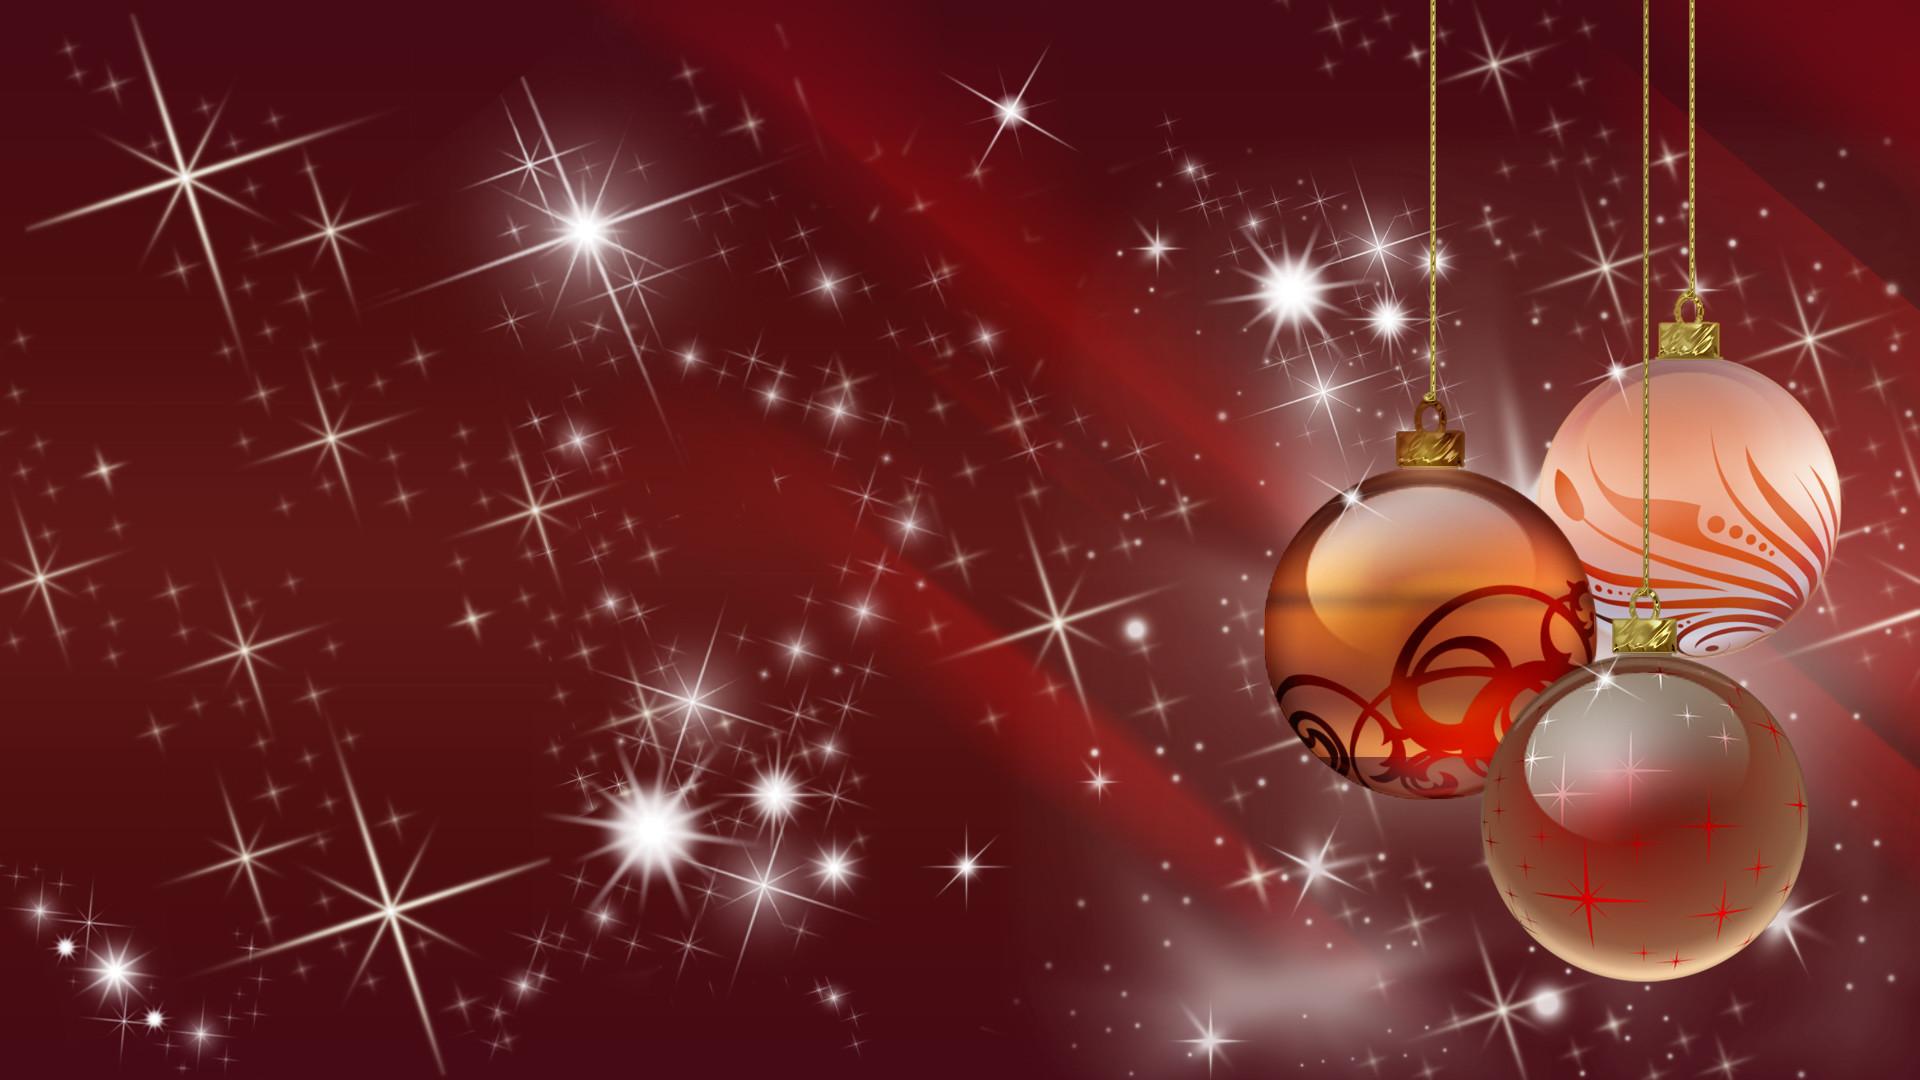 2015 free Christmas wallpaper for desktop